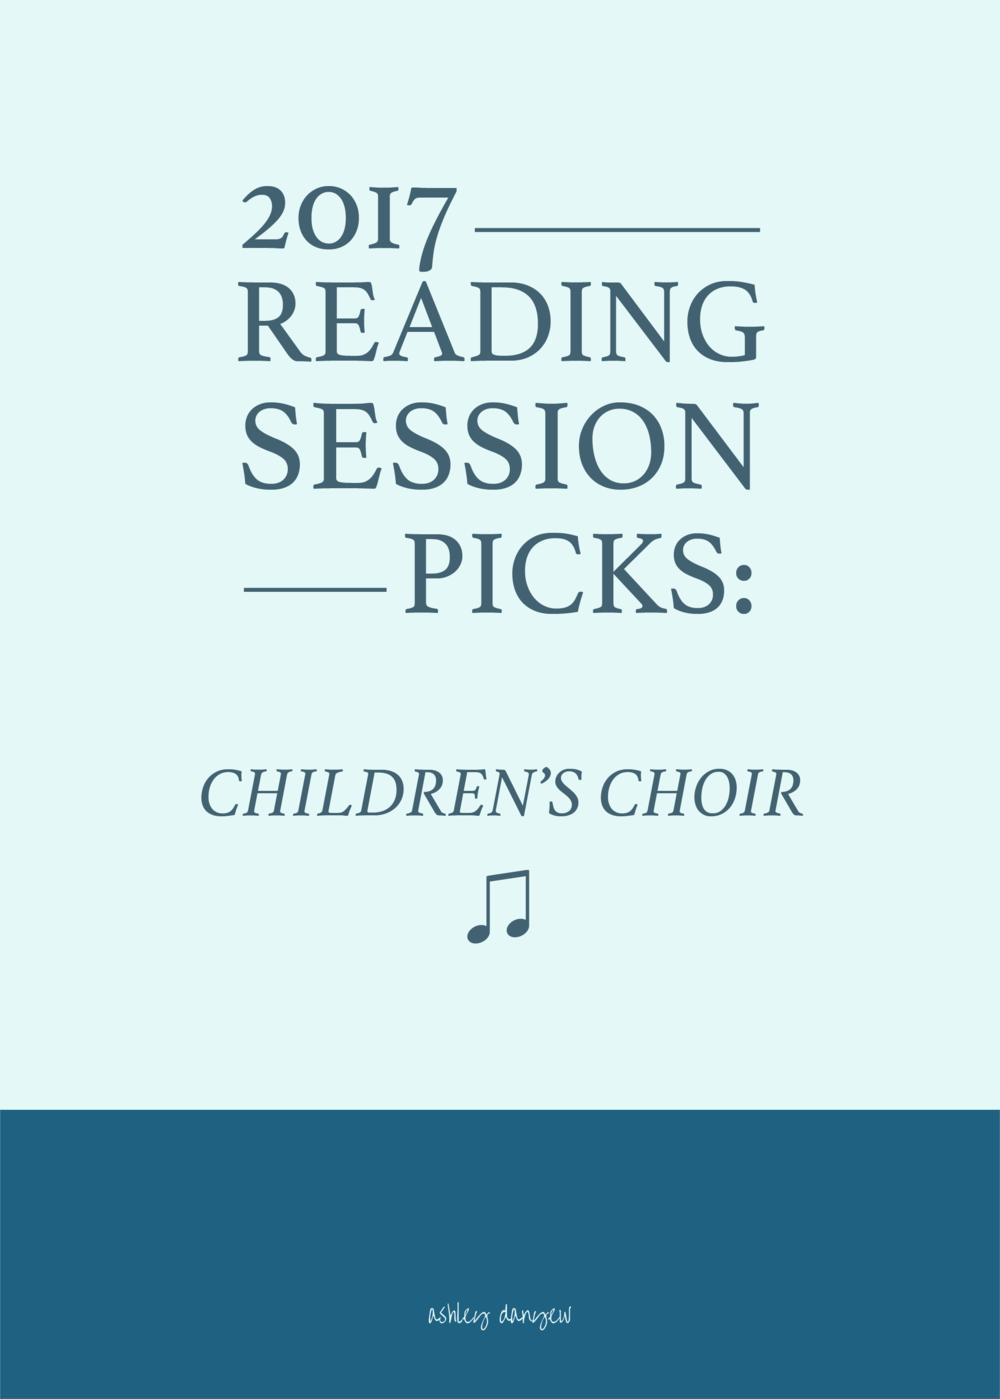 2017 Reading Session Picks - Children's Choir-06.png